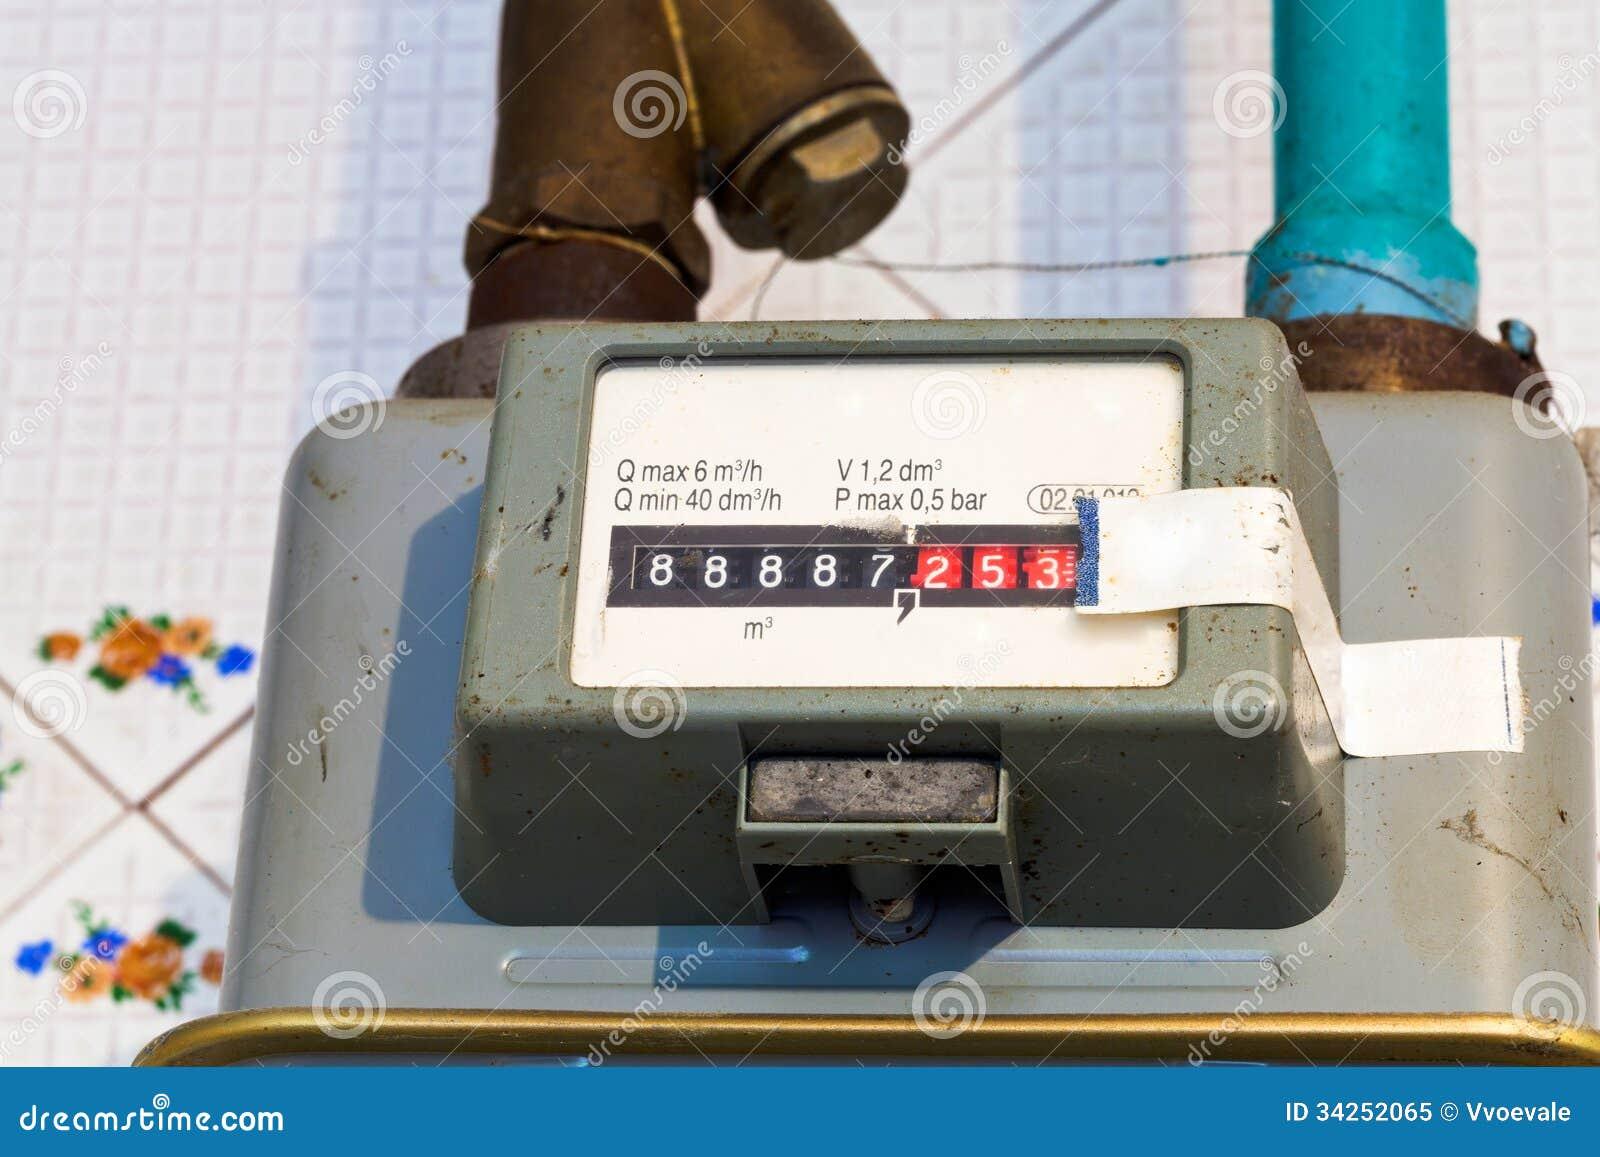 Compteur gaz individuel photo libre de droits image 34252065 - Compteur gaz individuel ...